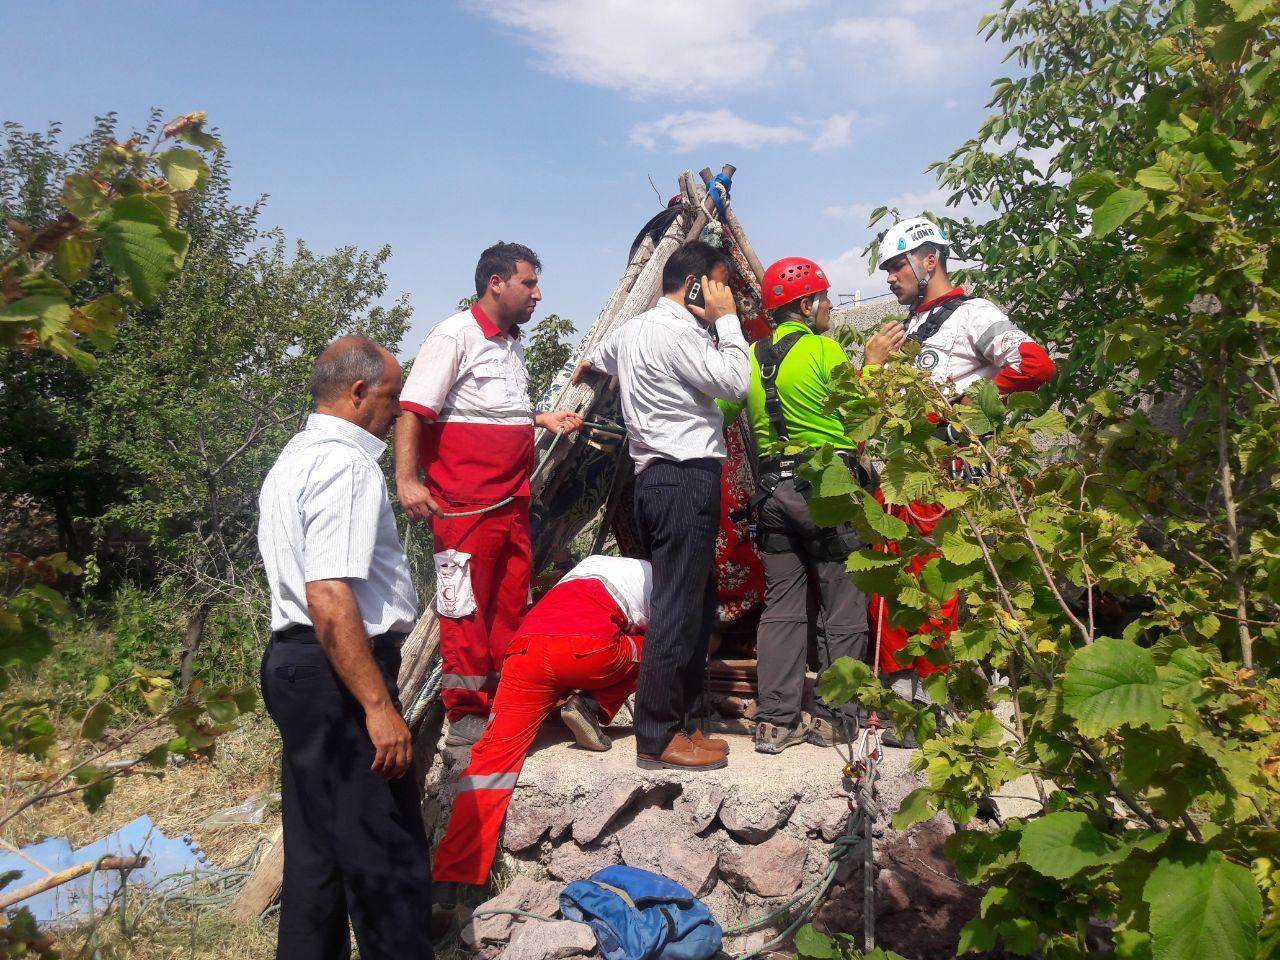 سقوط در چاه مرگ مرد قزوینی را رقم زد+تصاویر